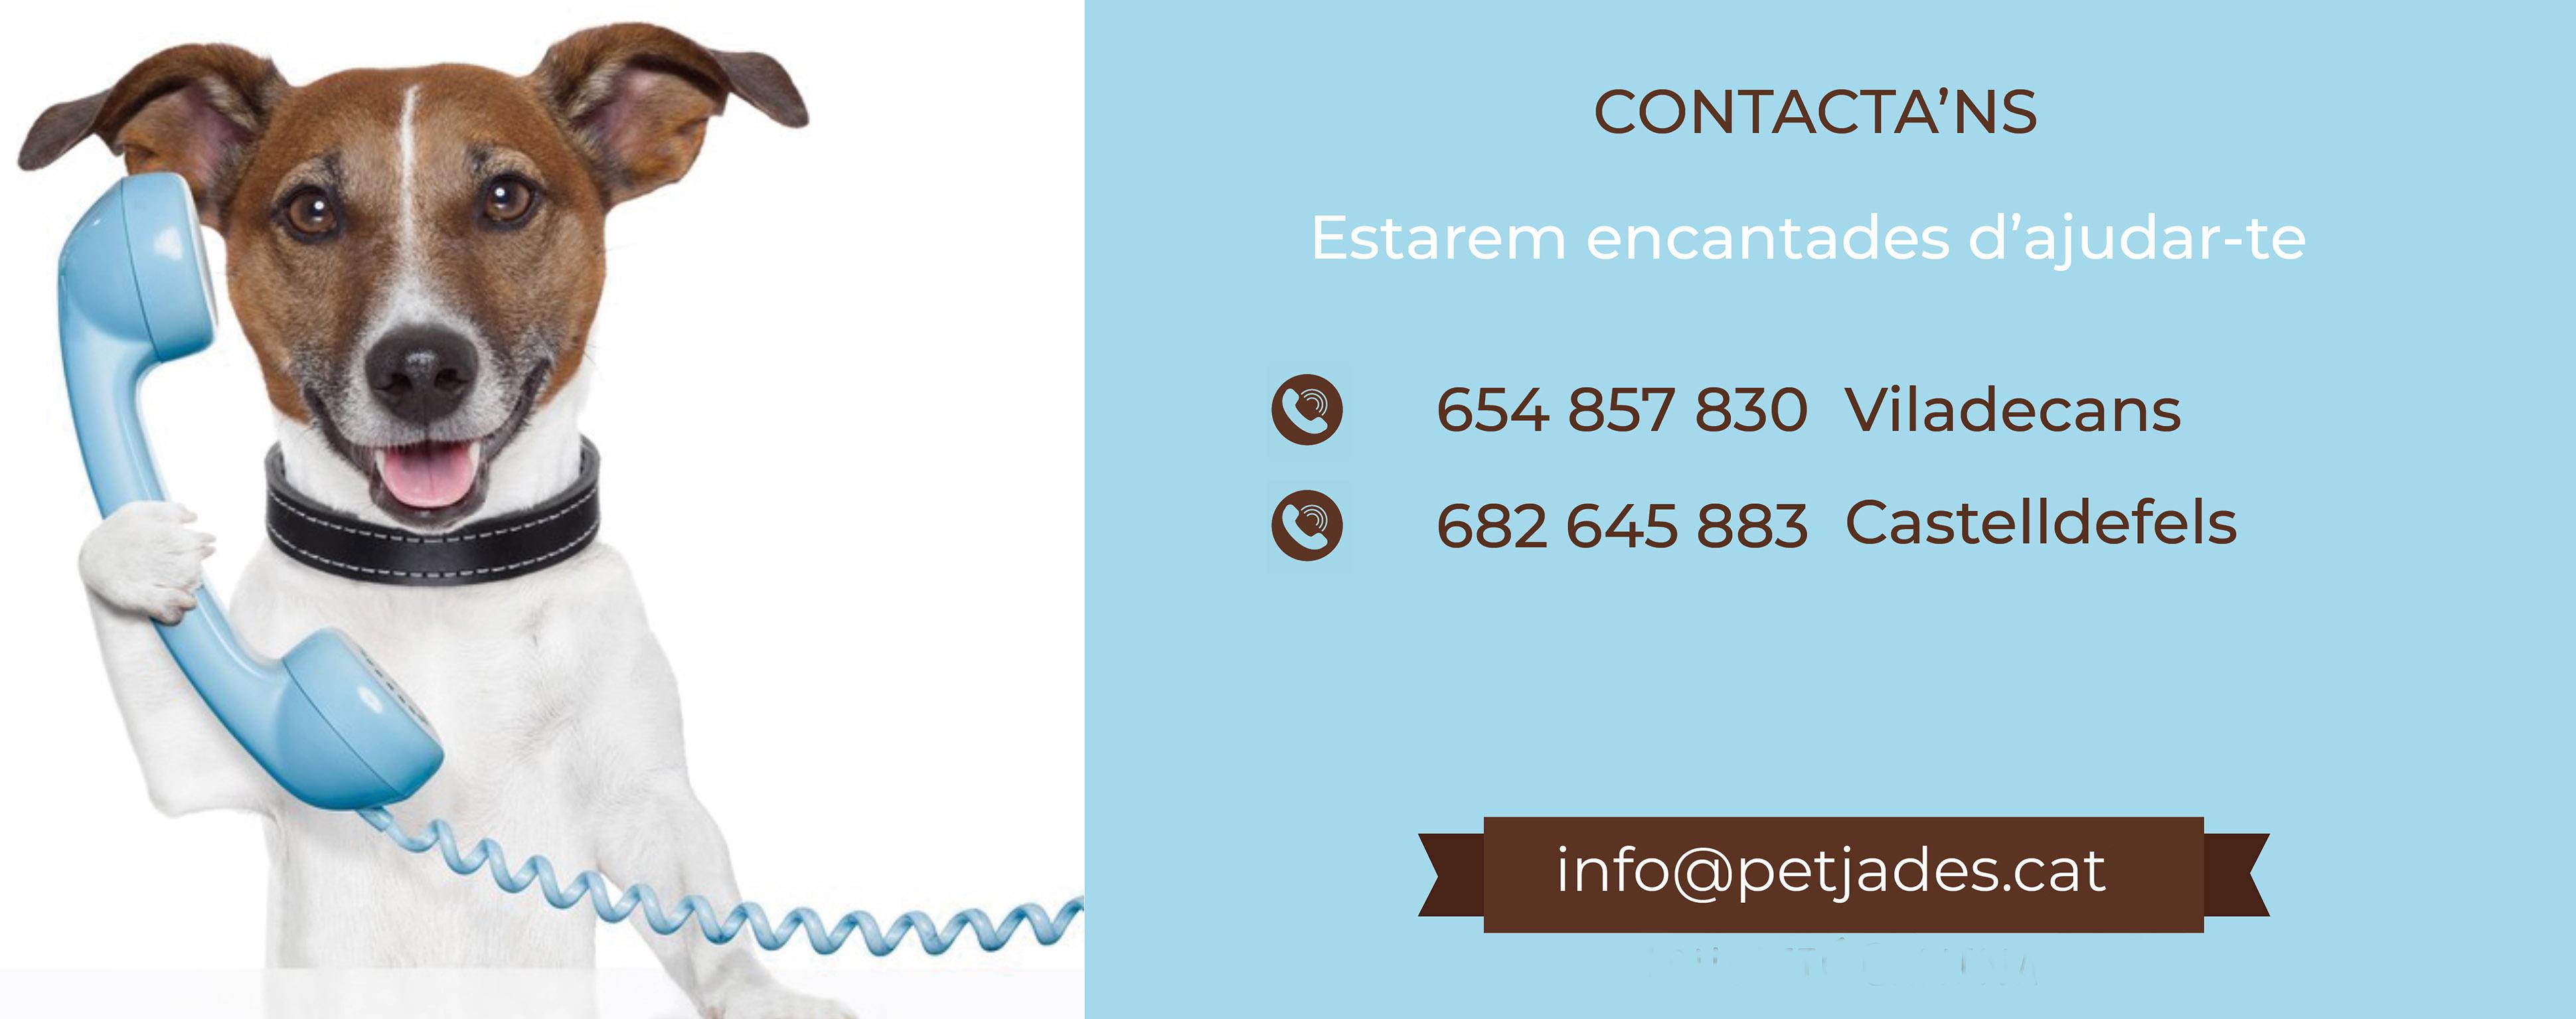 Contacta'ns_peque